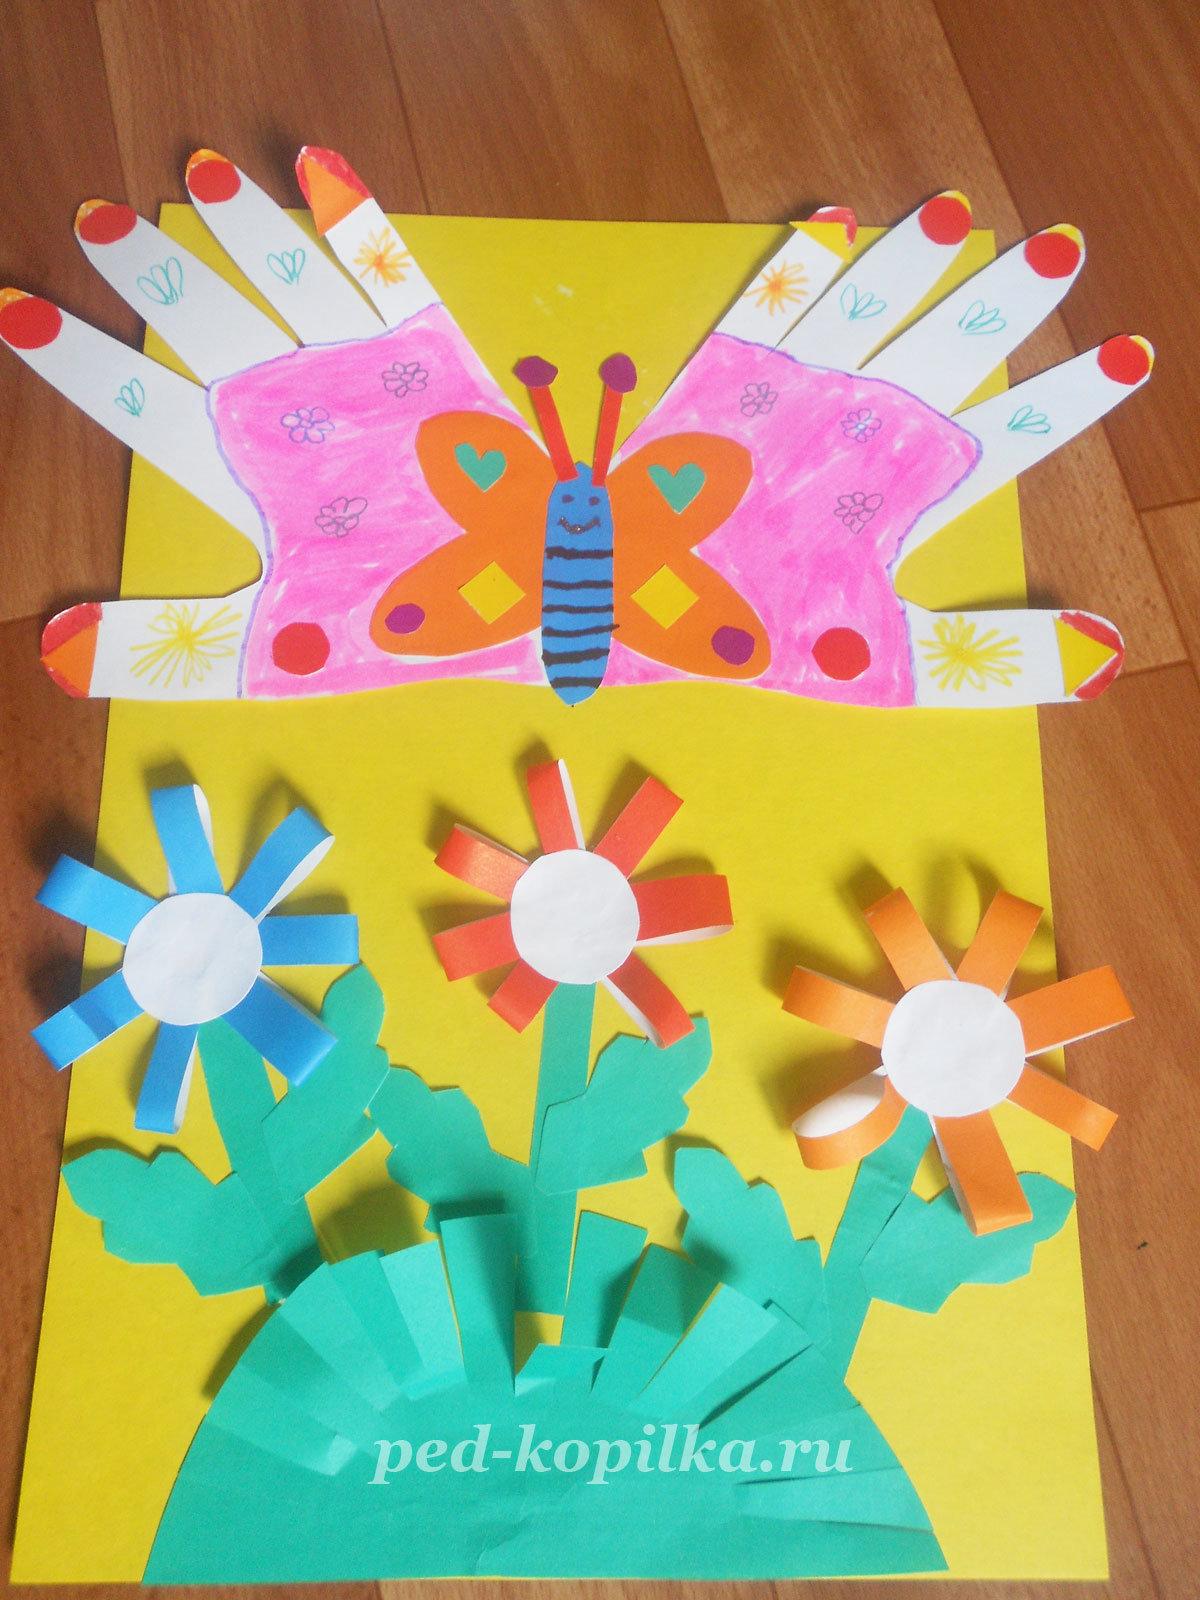 Поделка своими руками для детского сада детям 3 лет